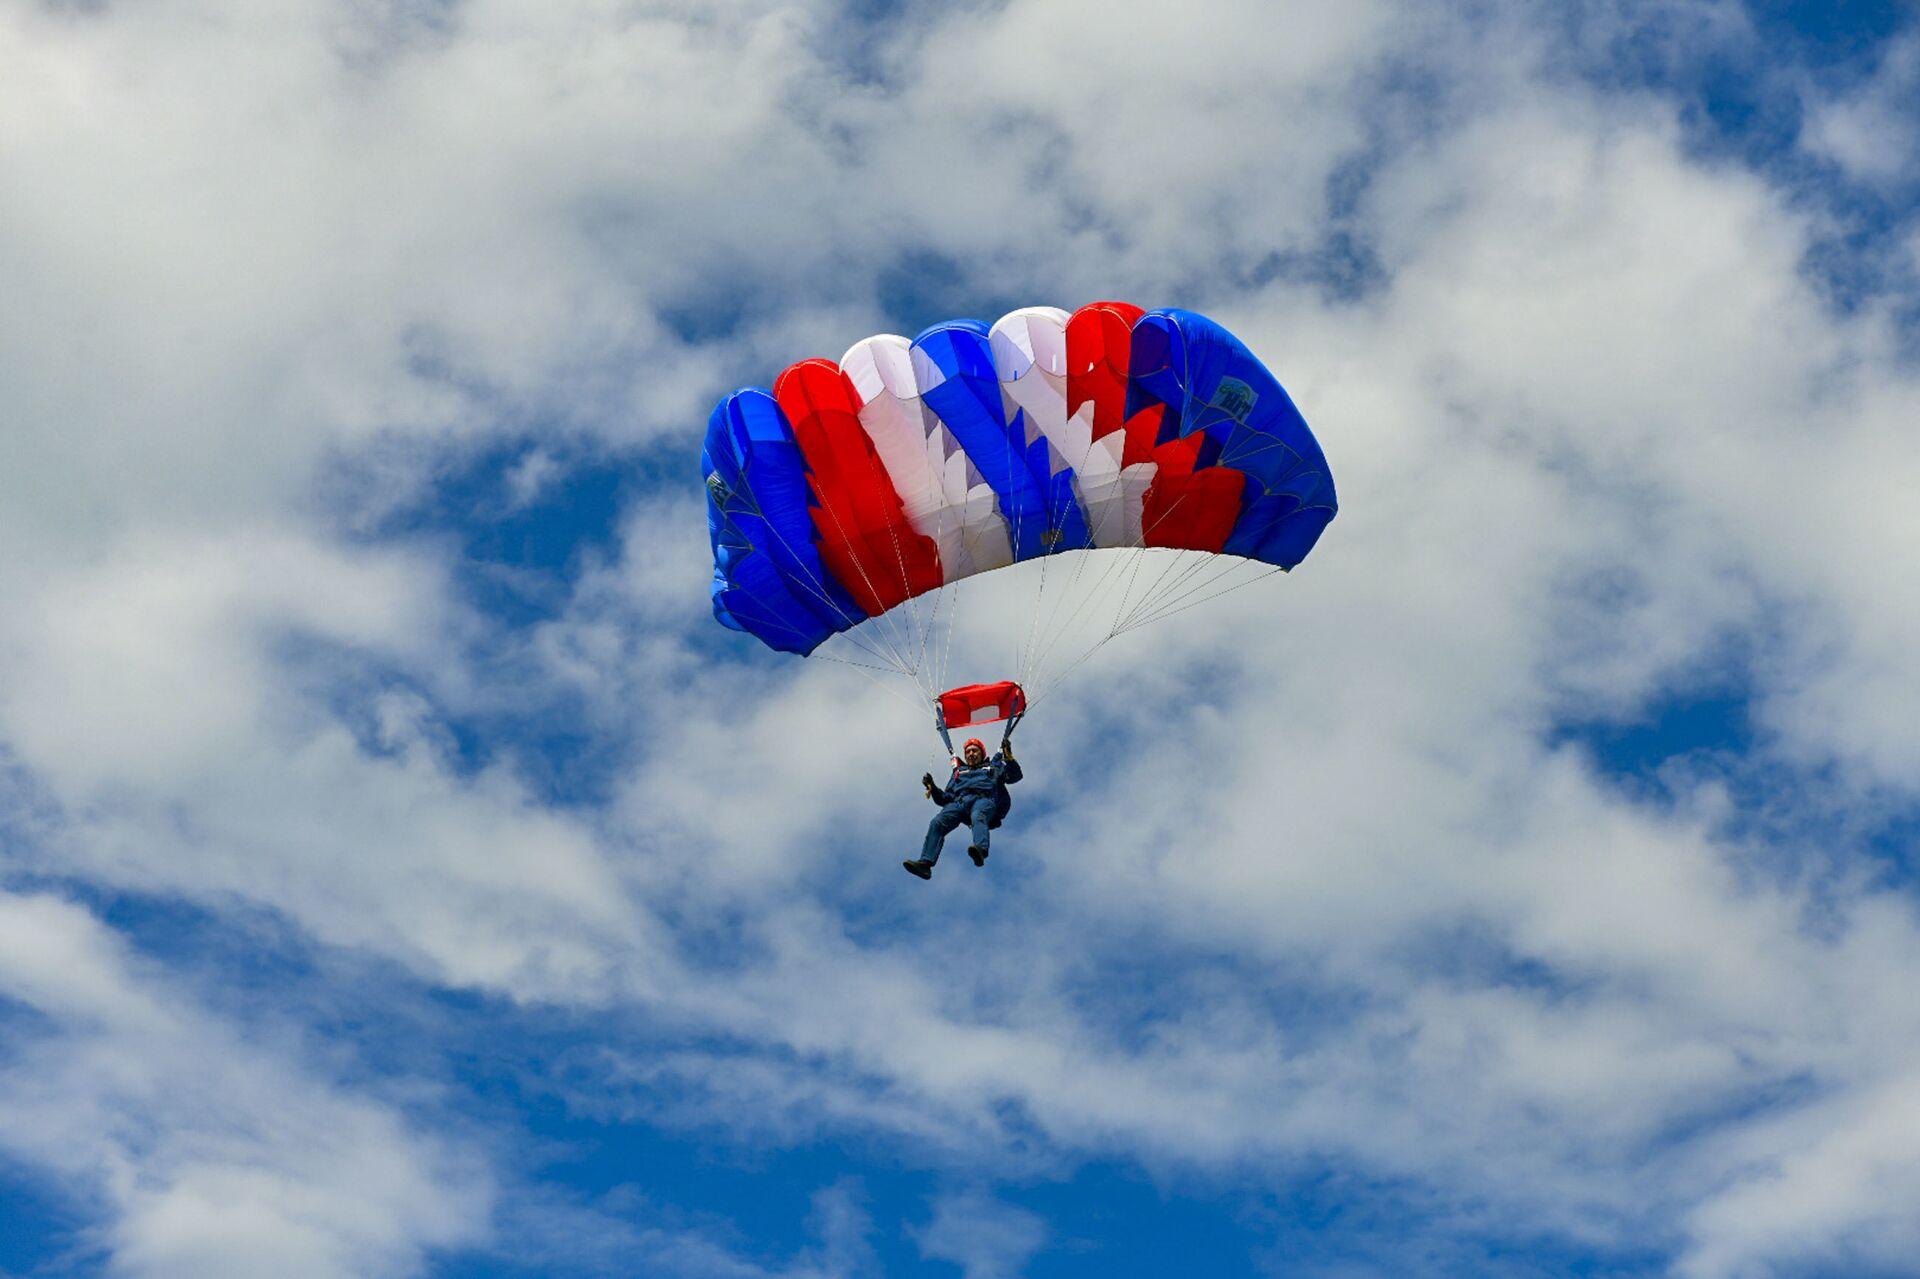 Cоревнования по парашютному спорту открылись в Абхазии - Sputnik Аҧсны, 1920, 12.10.2021